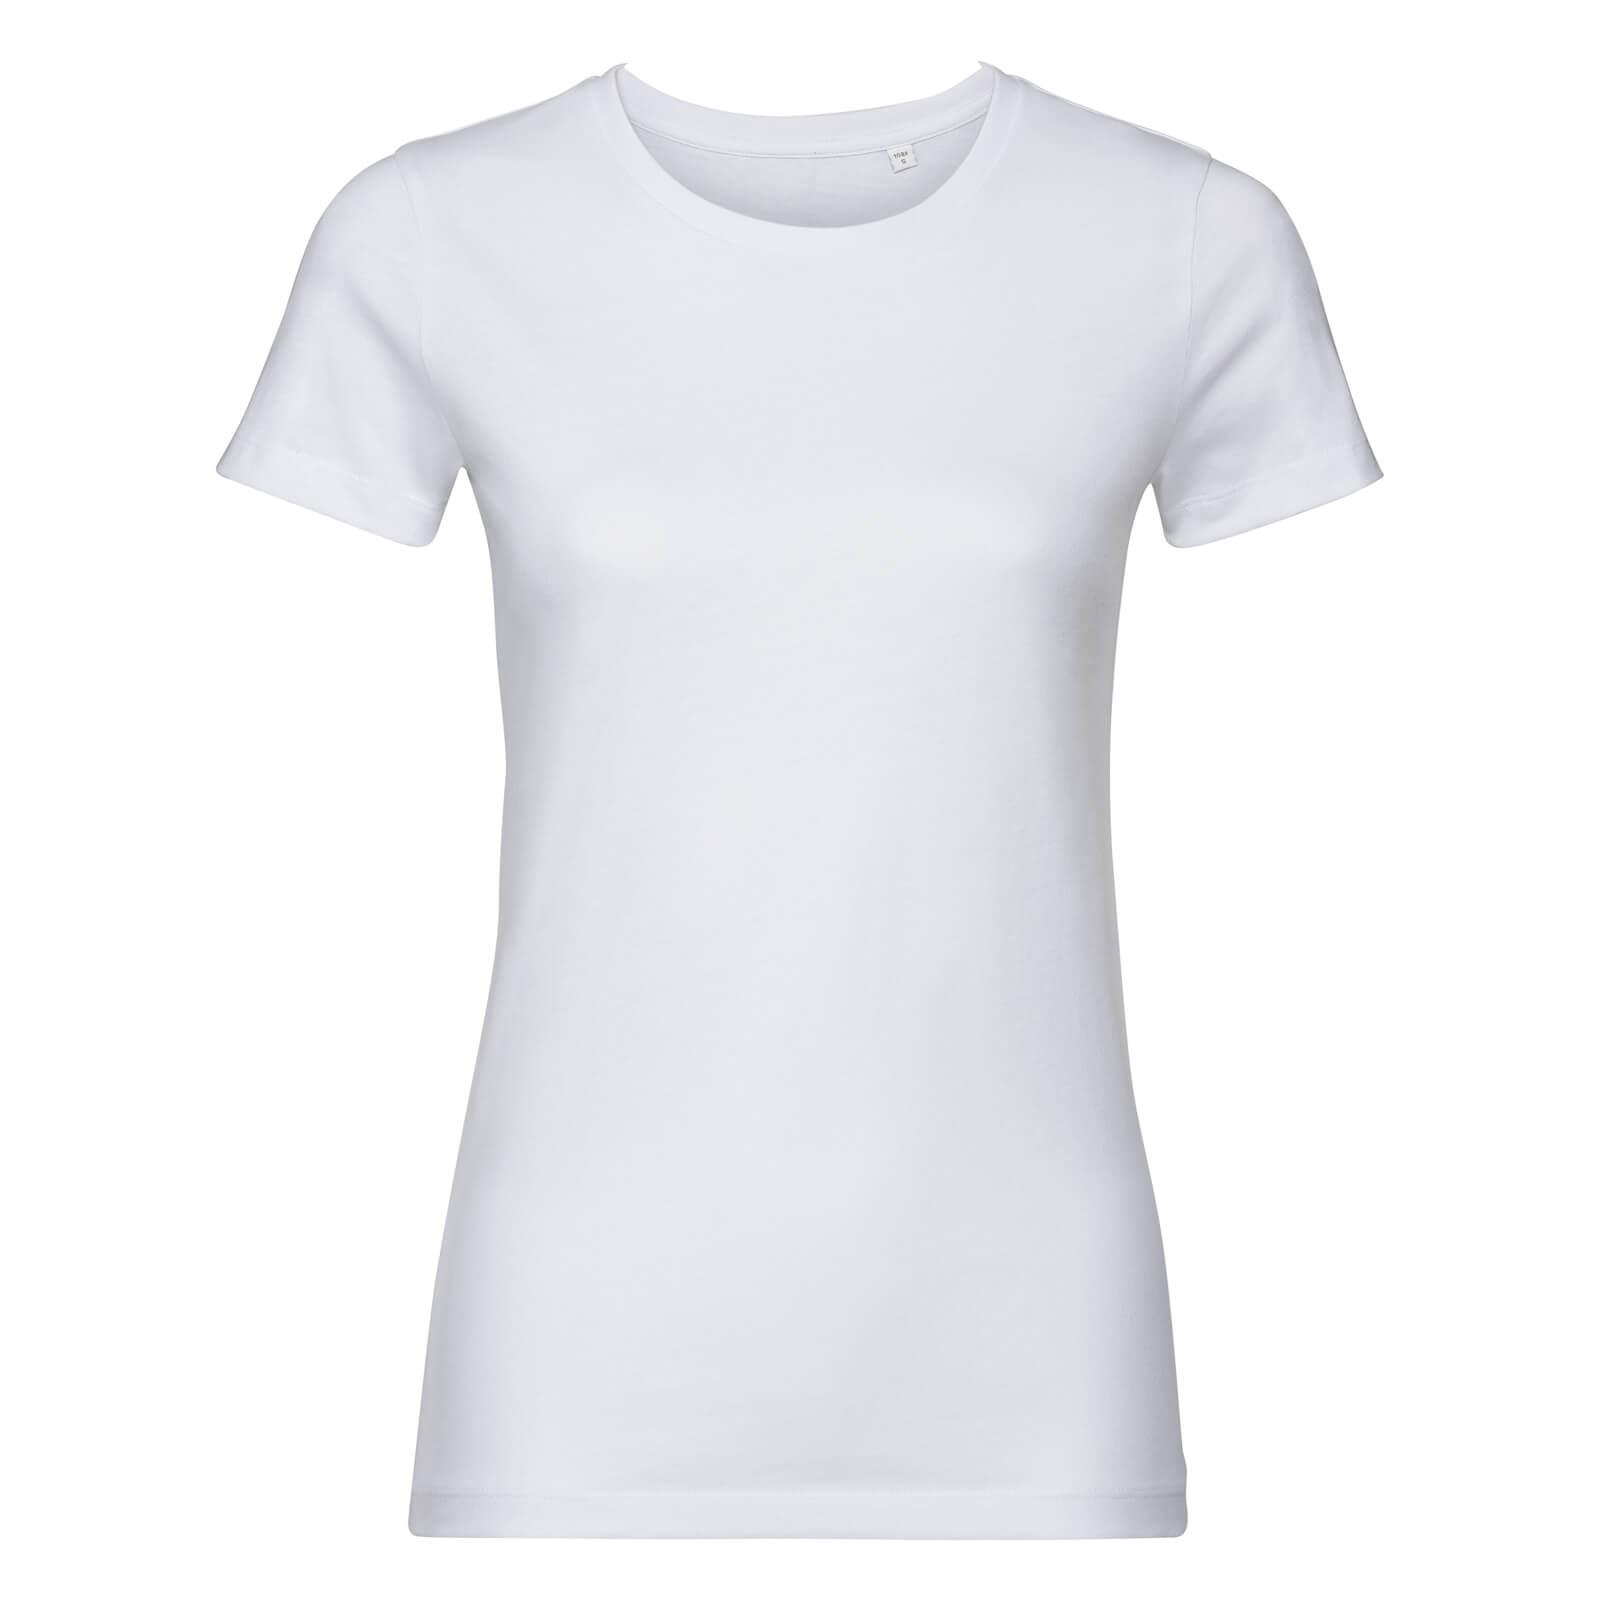 Naisten Pure Organic T-paita, valkoinen